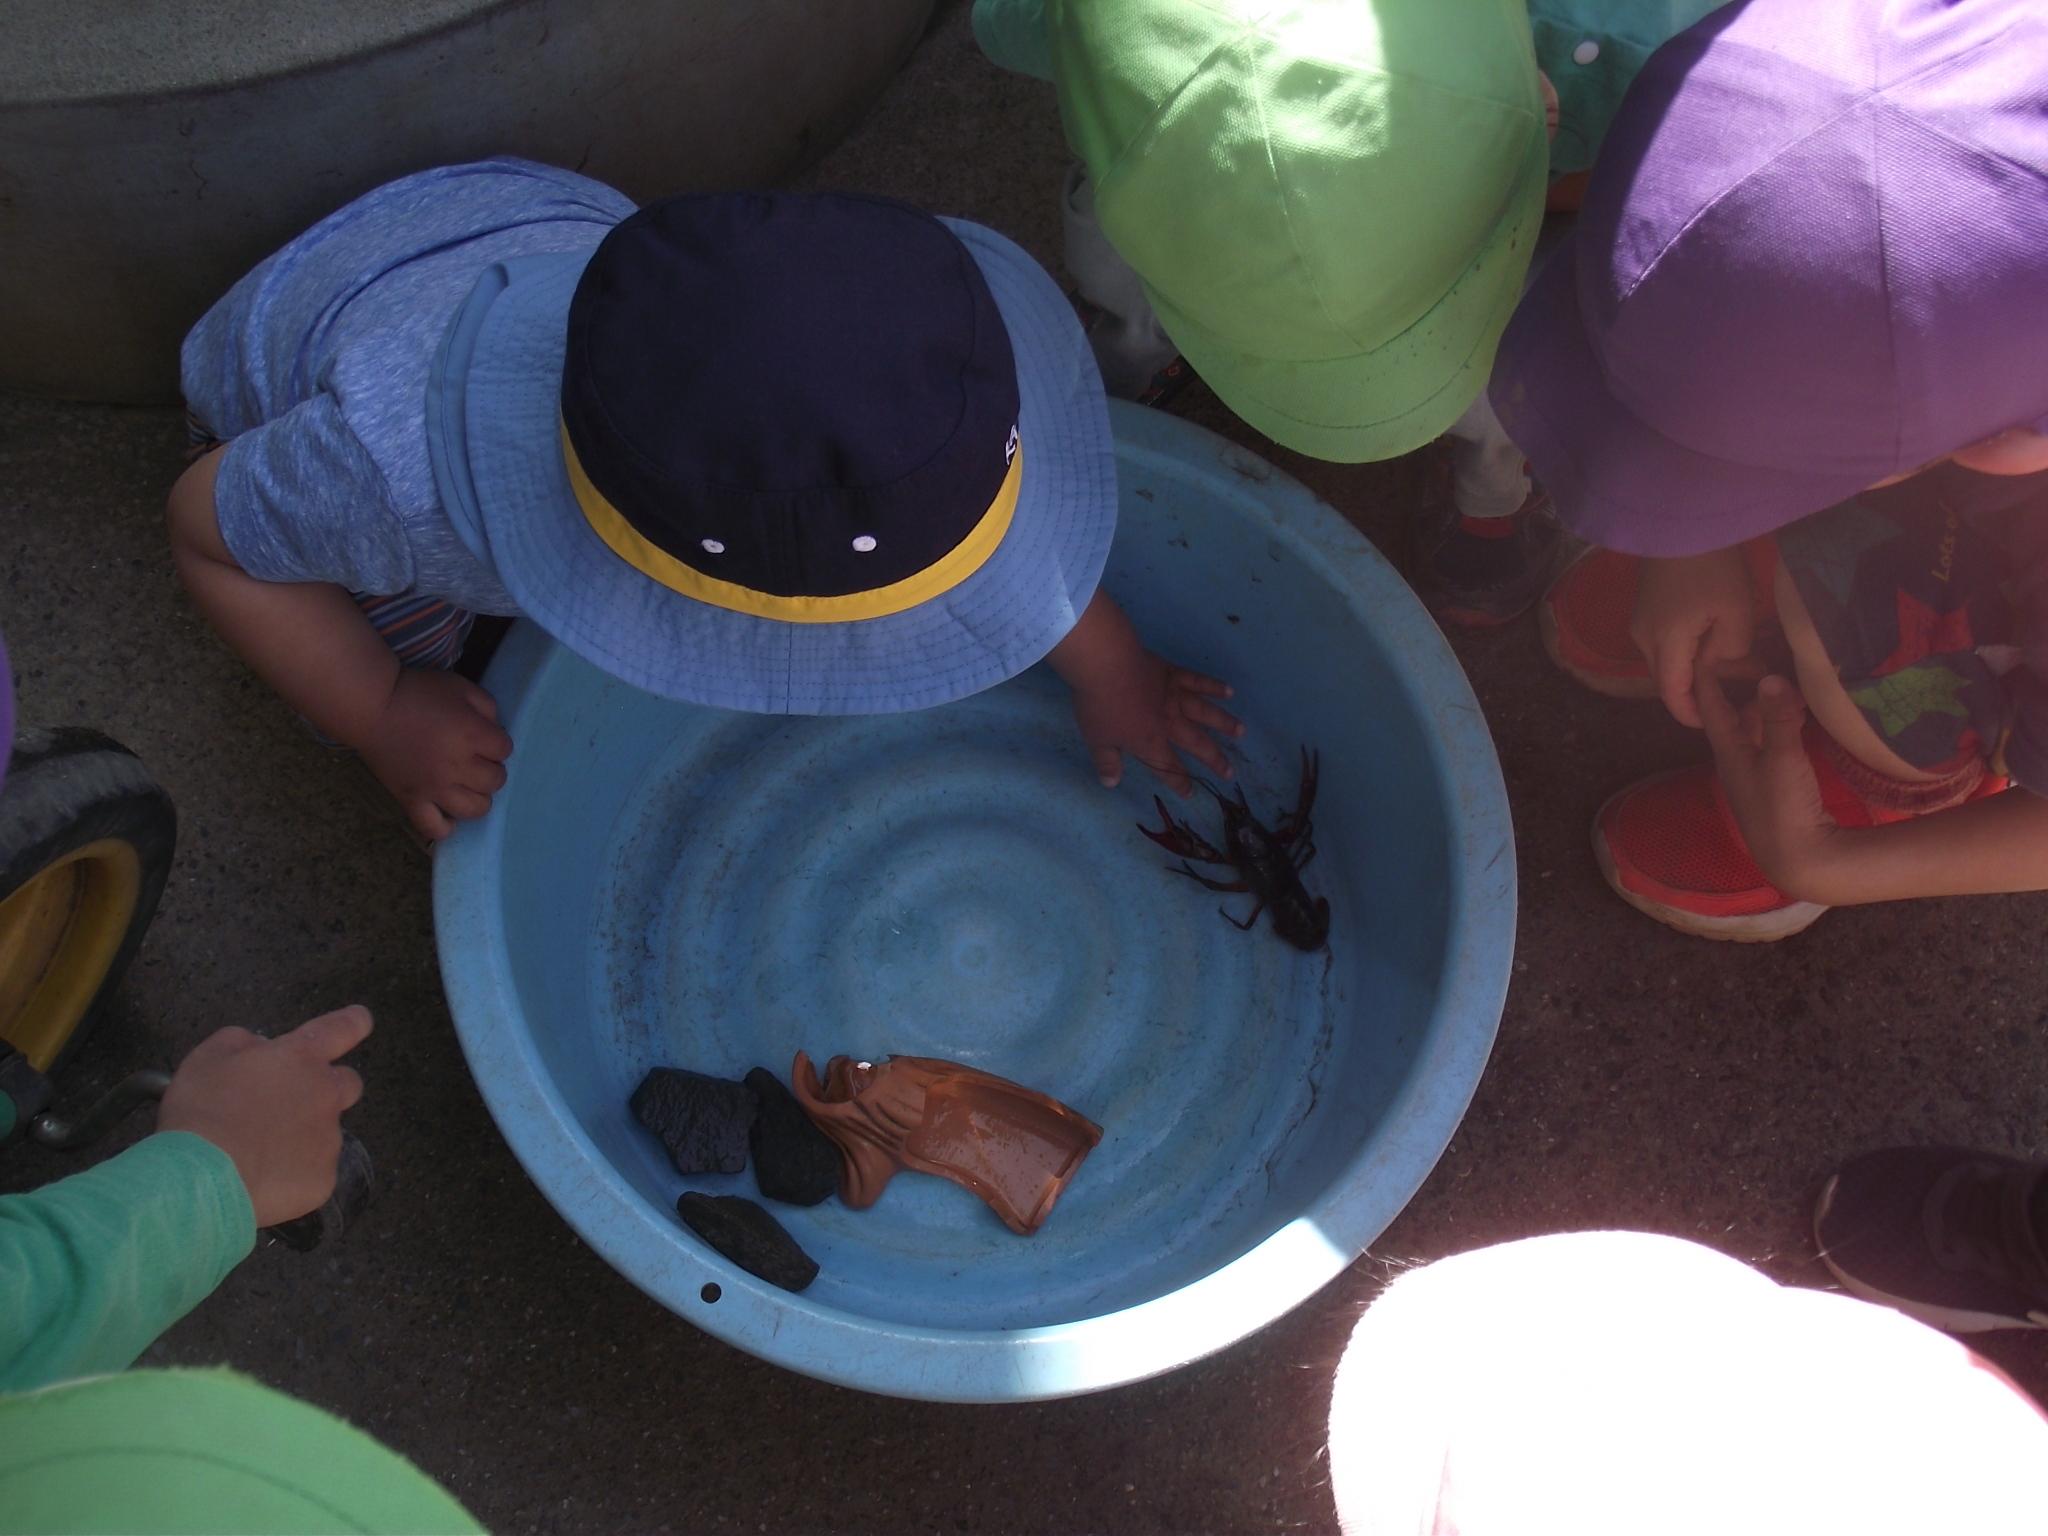 みんな興味津々。手を伸ばして、触ってみたりしました。『ぬるぬるしてるね』と言ってました。